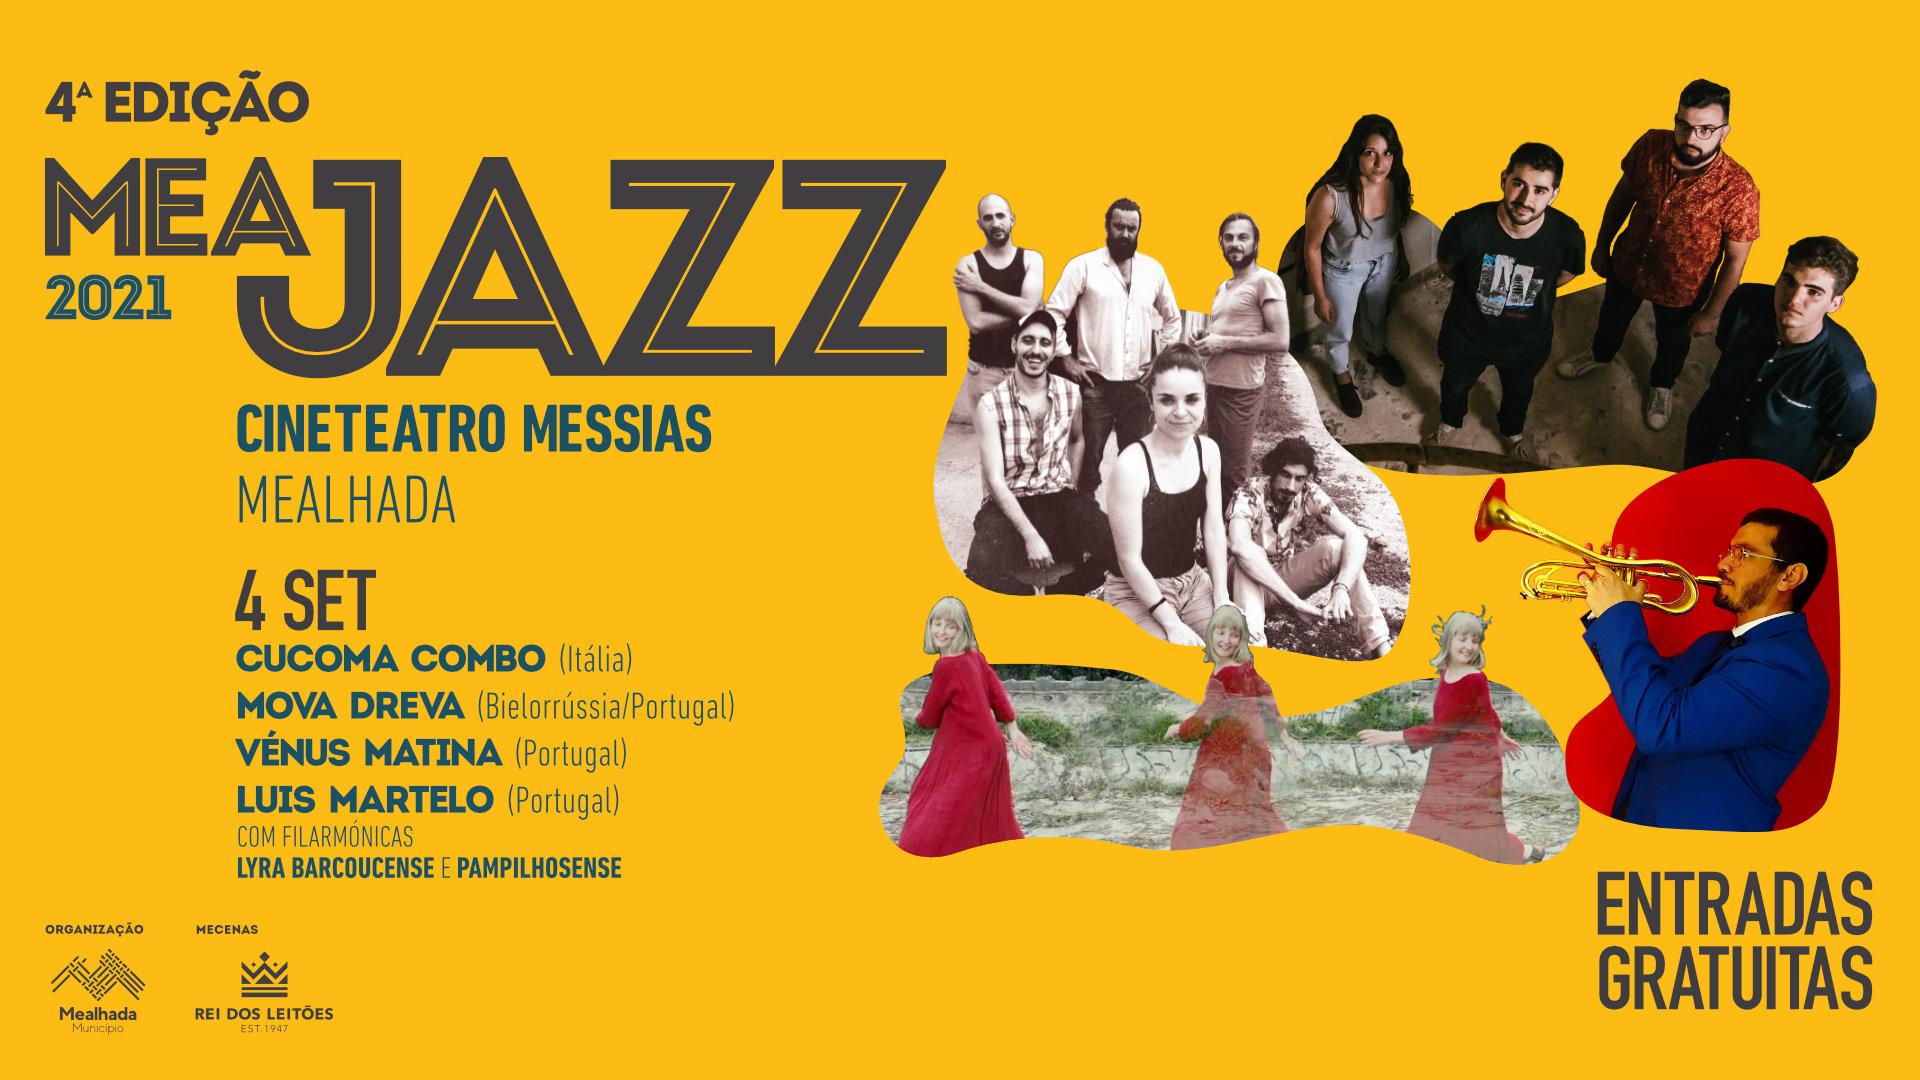 Meajazz - 4.ª edição: Mova Dreva (Bielorrússia/Portugal)